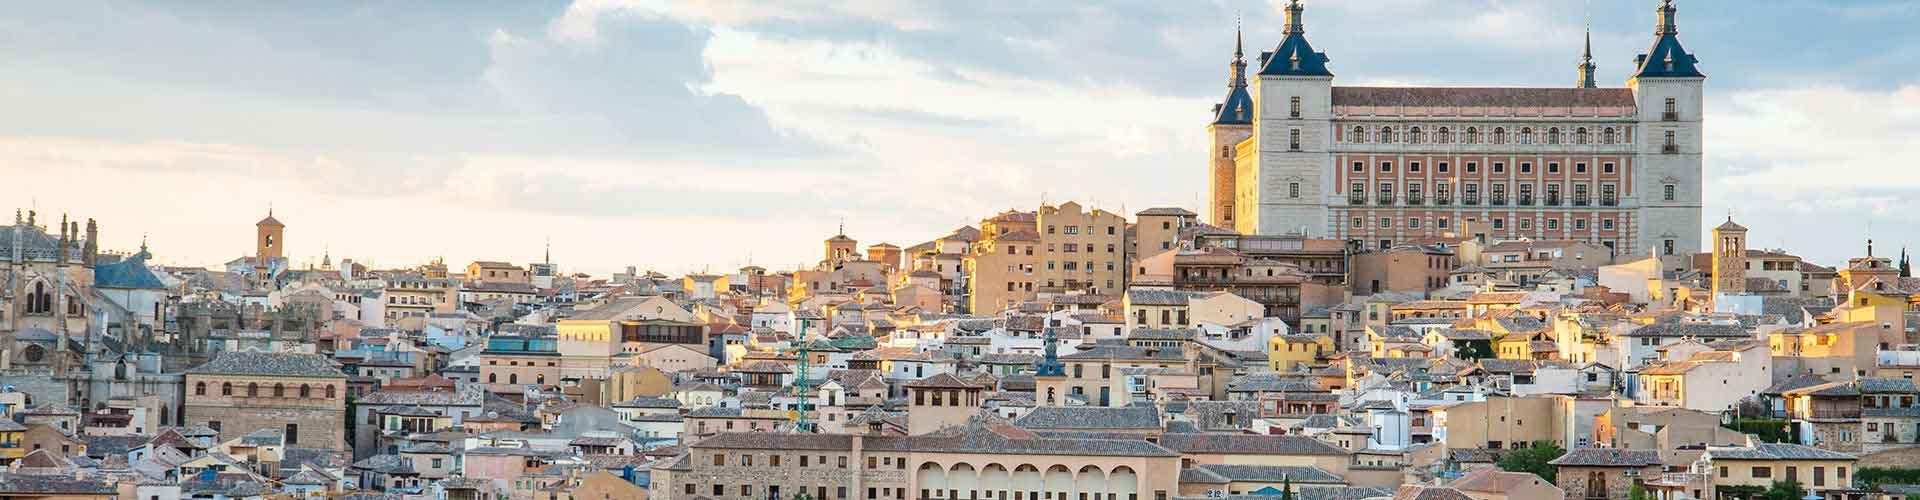 Toledo - Albergues en Toledo. Mapas de Toledo, Fotos y Comentarios para cada Albergue en Toledo.